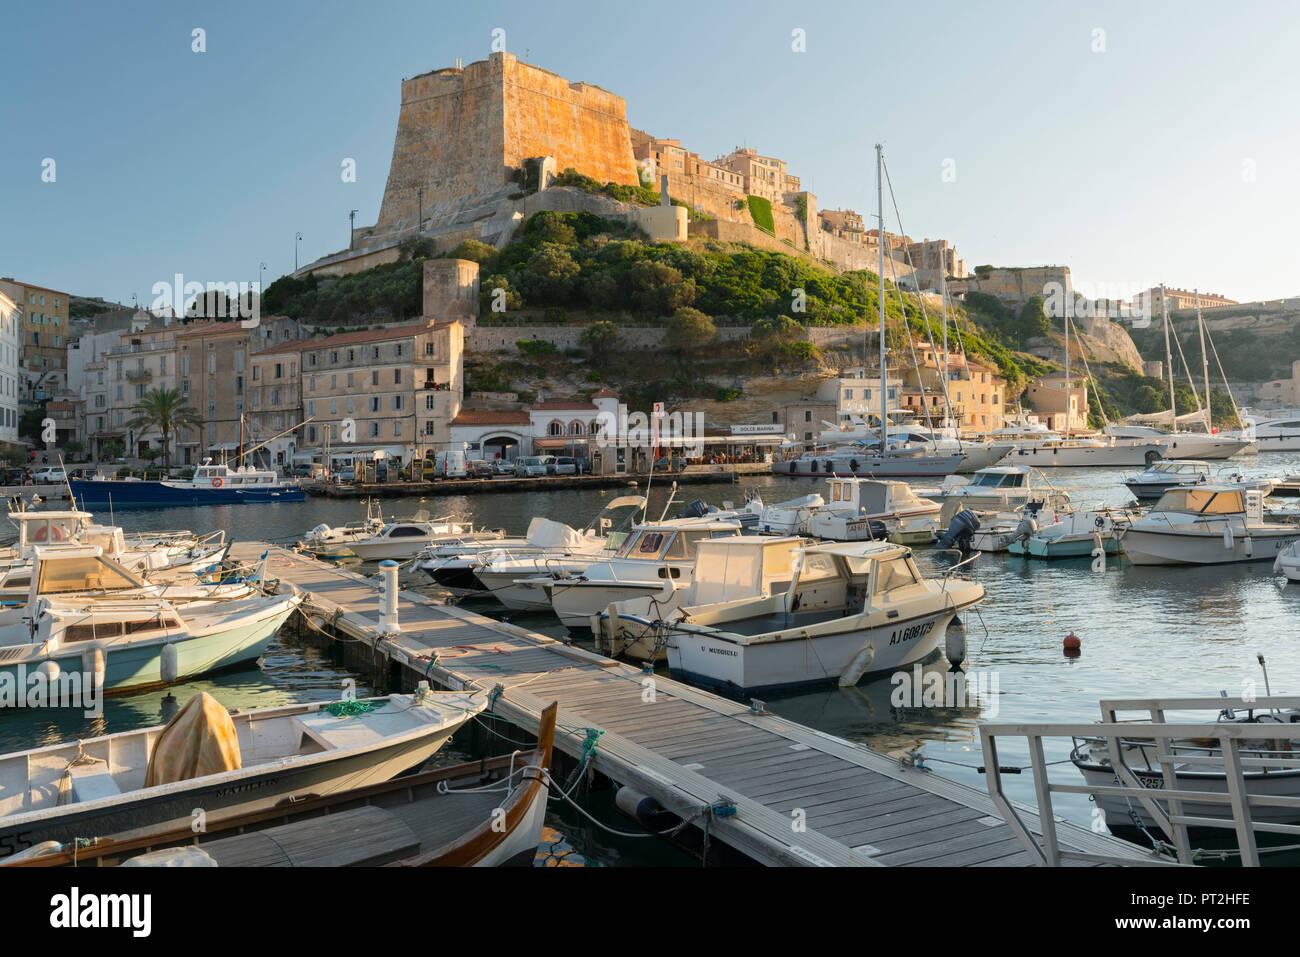 Hafen und die Zitadelle von Bonifacio, Corse, Korsika, Frankreich Stockbild